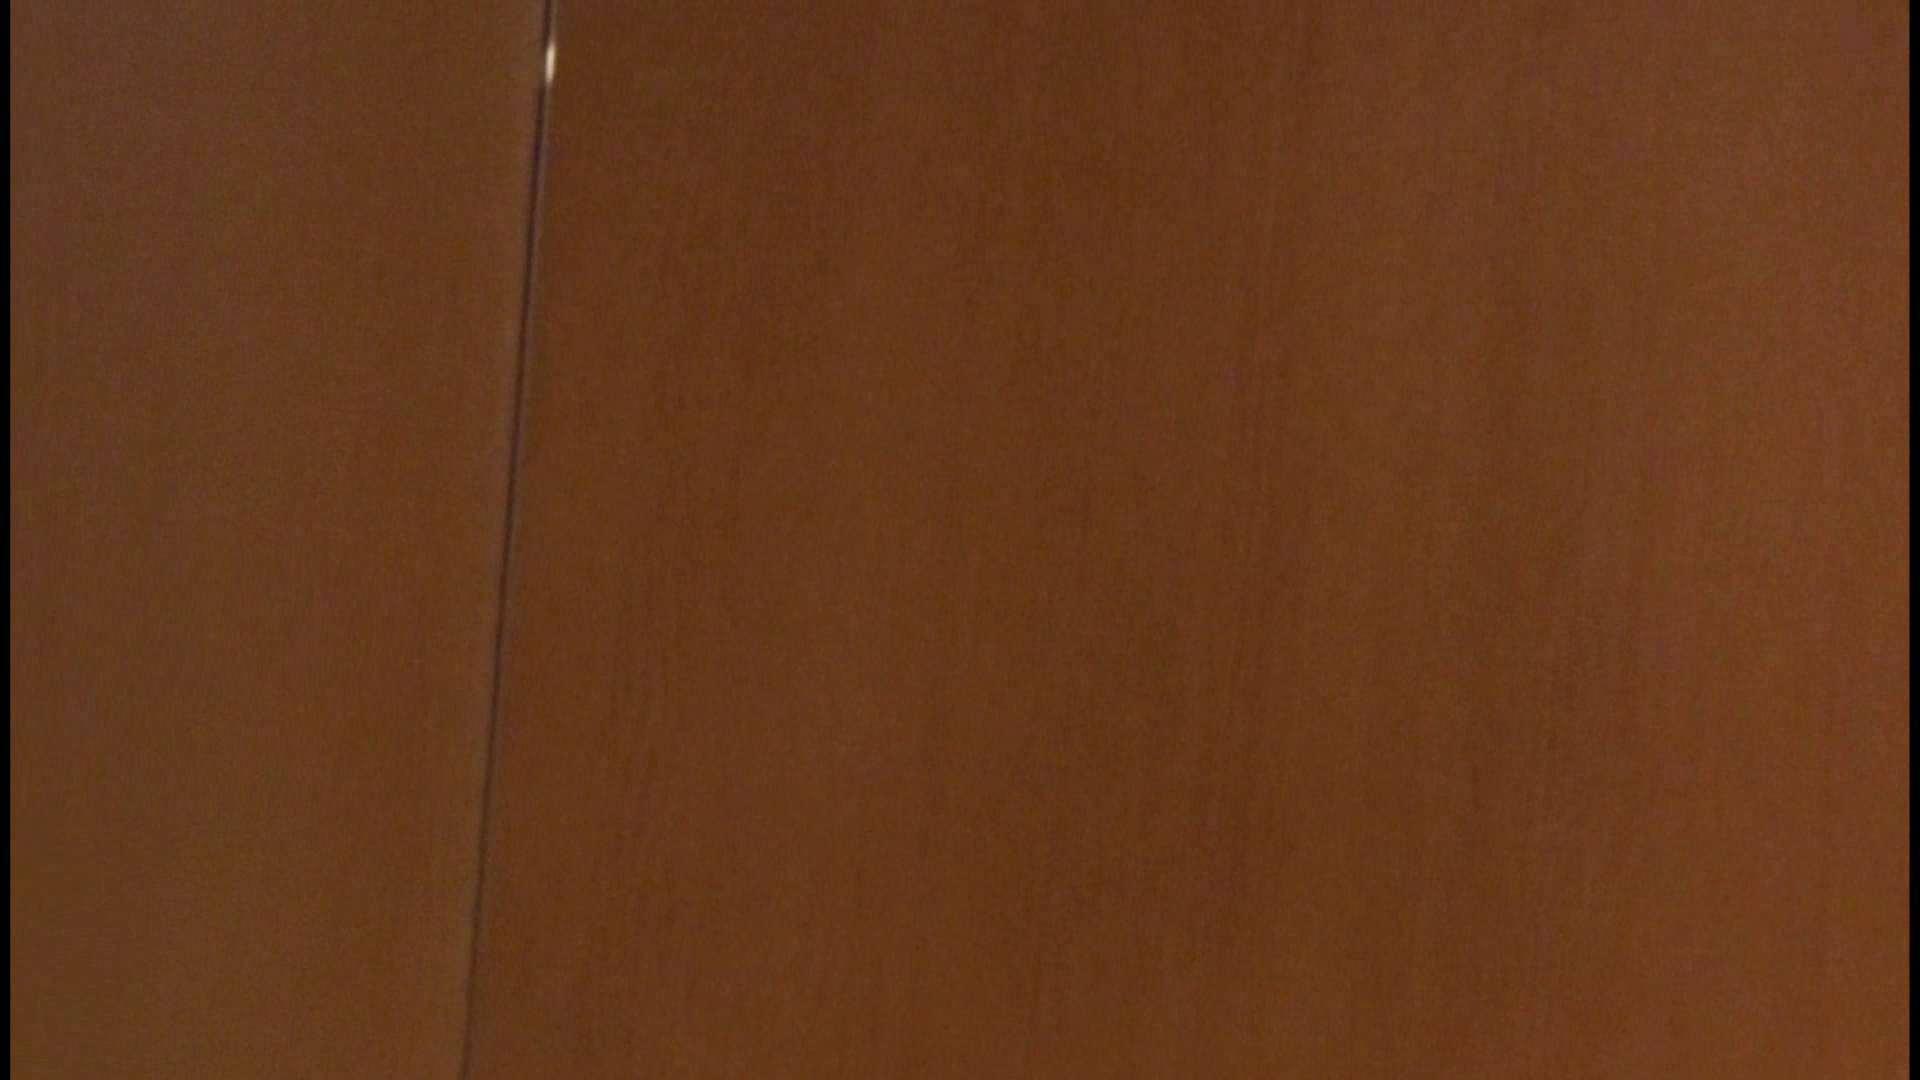 「噂」の国の厠観察日記2 Vol.08 OLハメ撮り  111Pix 100